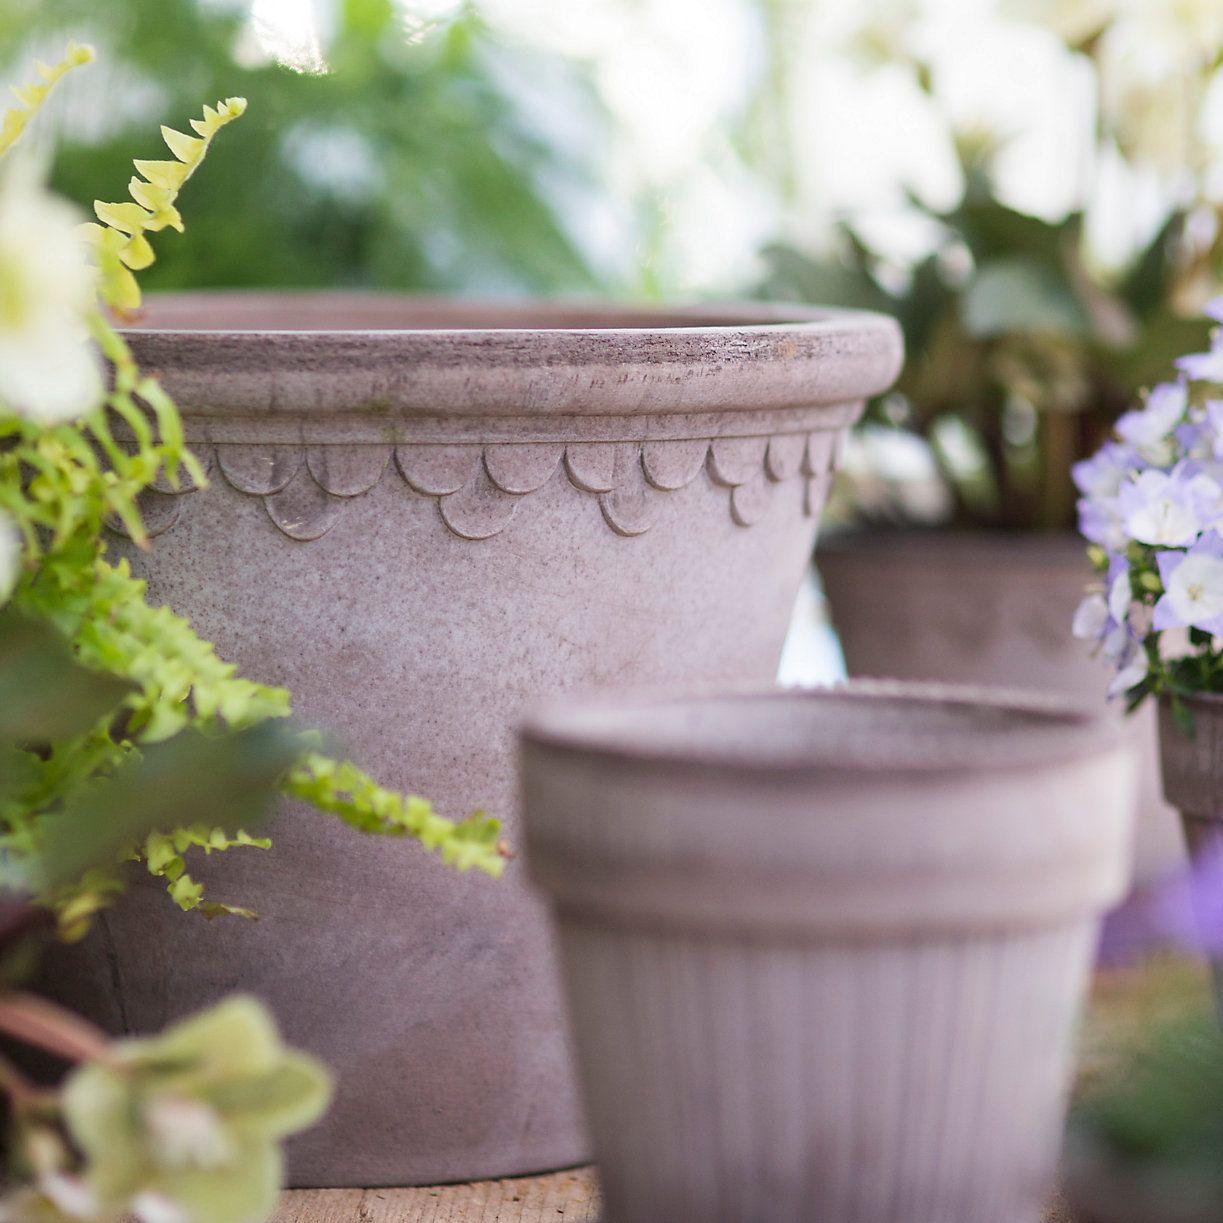 Købenler Scallop Pot in Garden Købenler Pots + Saucers at Terrain